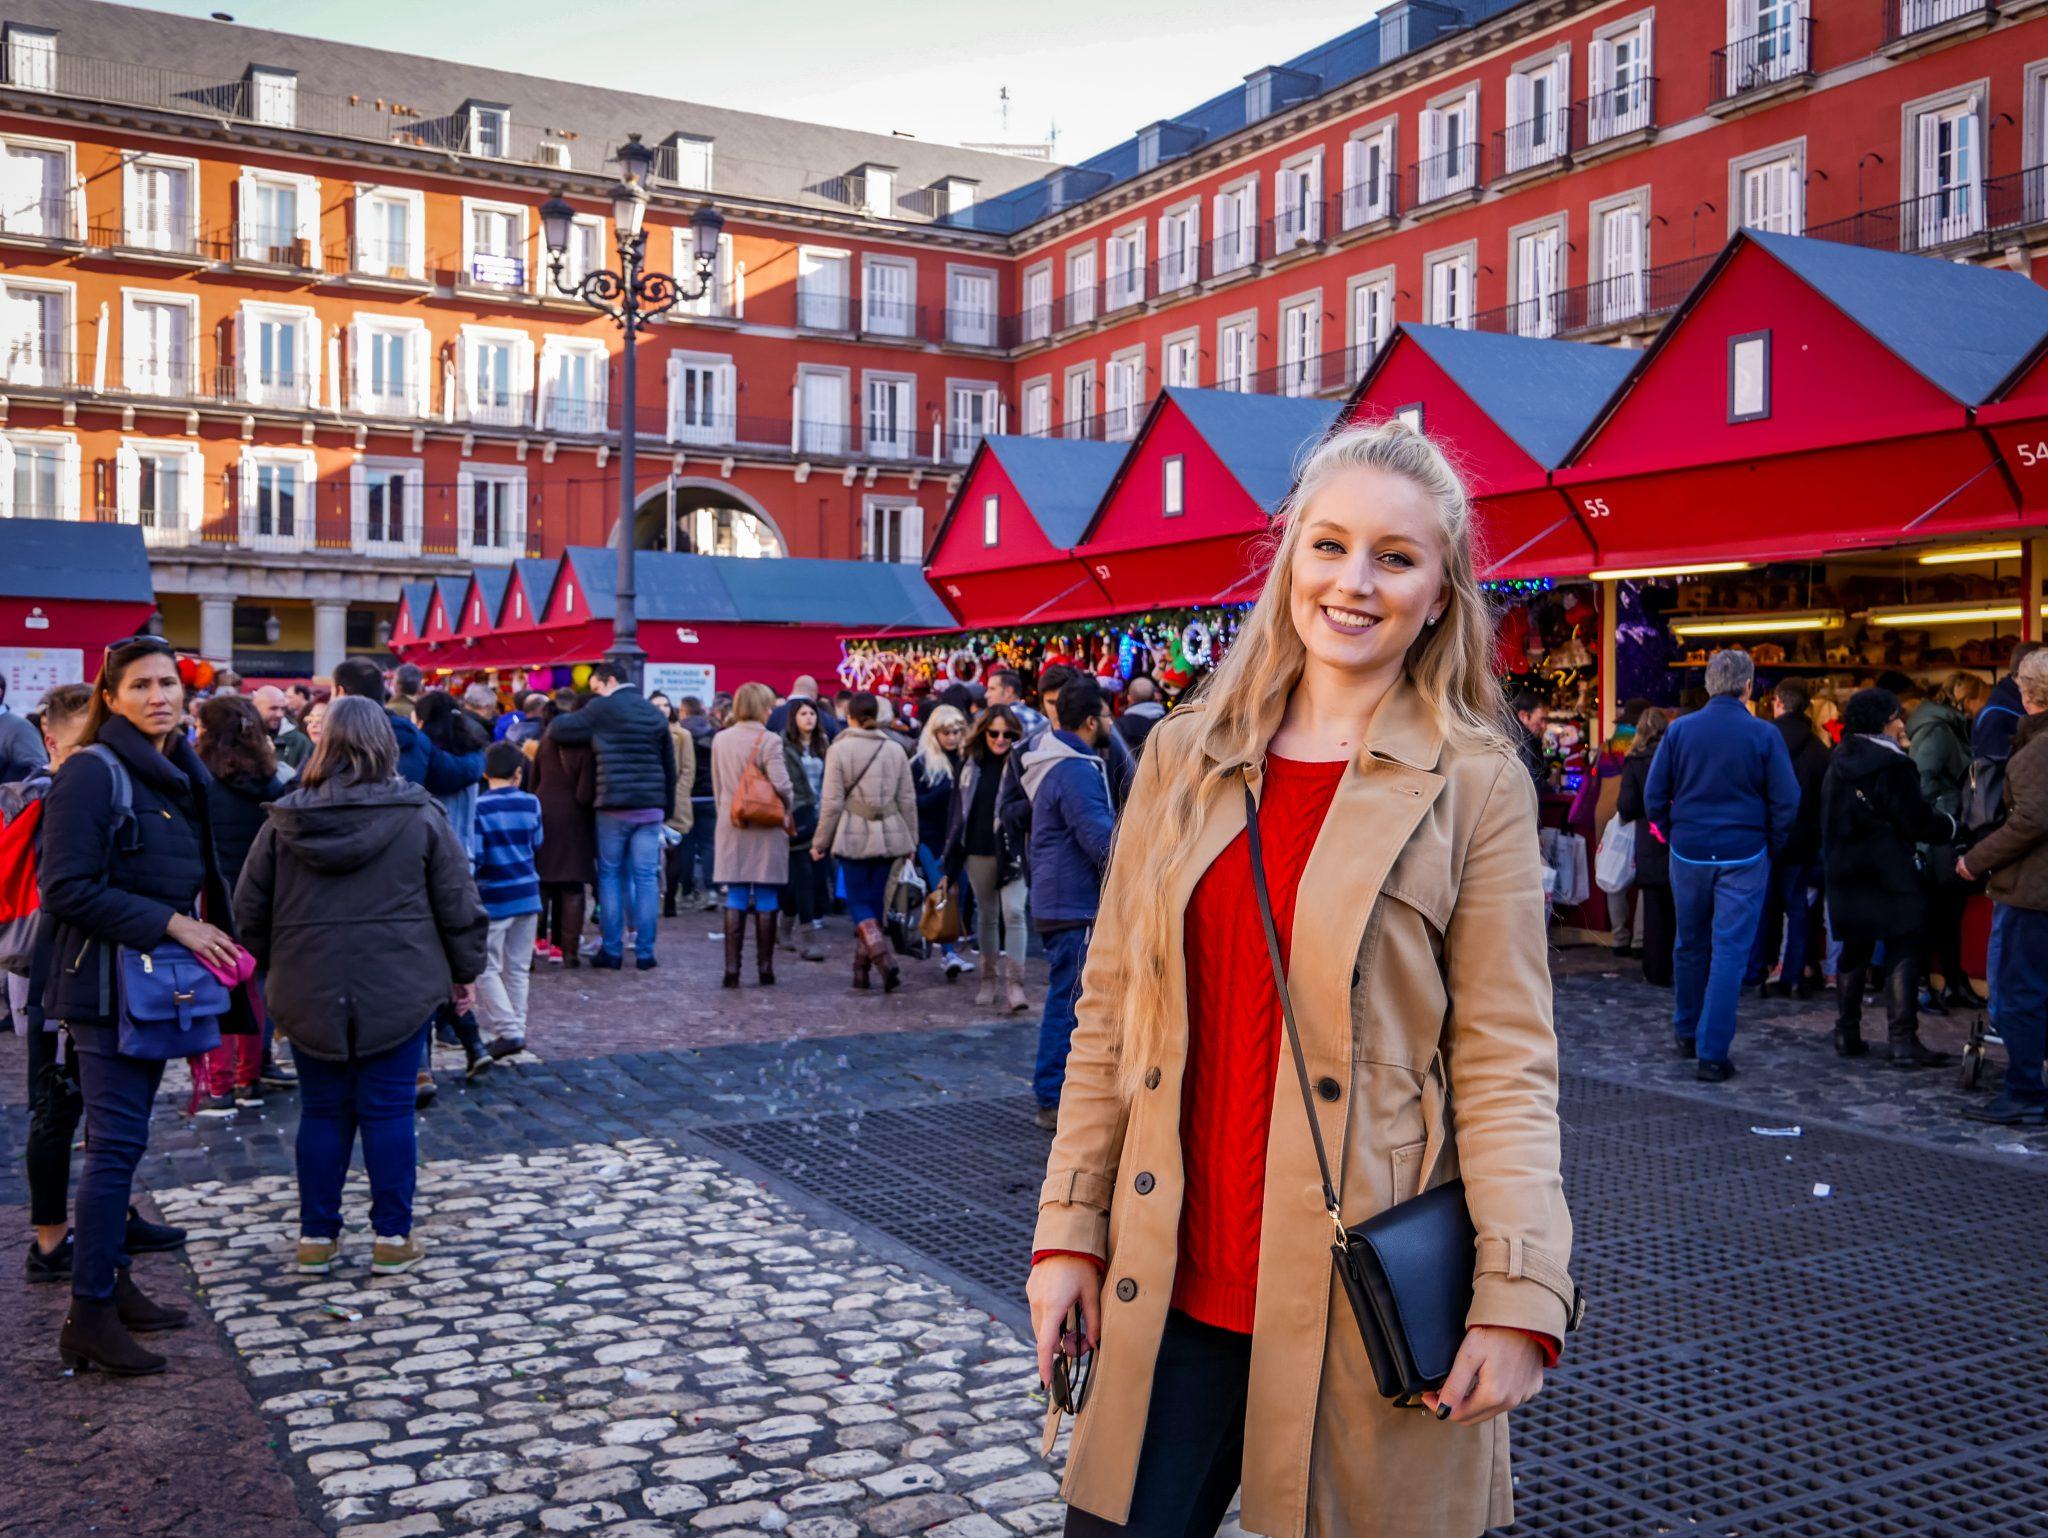 Ein absolutes Highlight: Der Weihnachtsmarkt in Spaniens Hauptstadt Madrid.